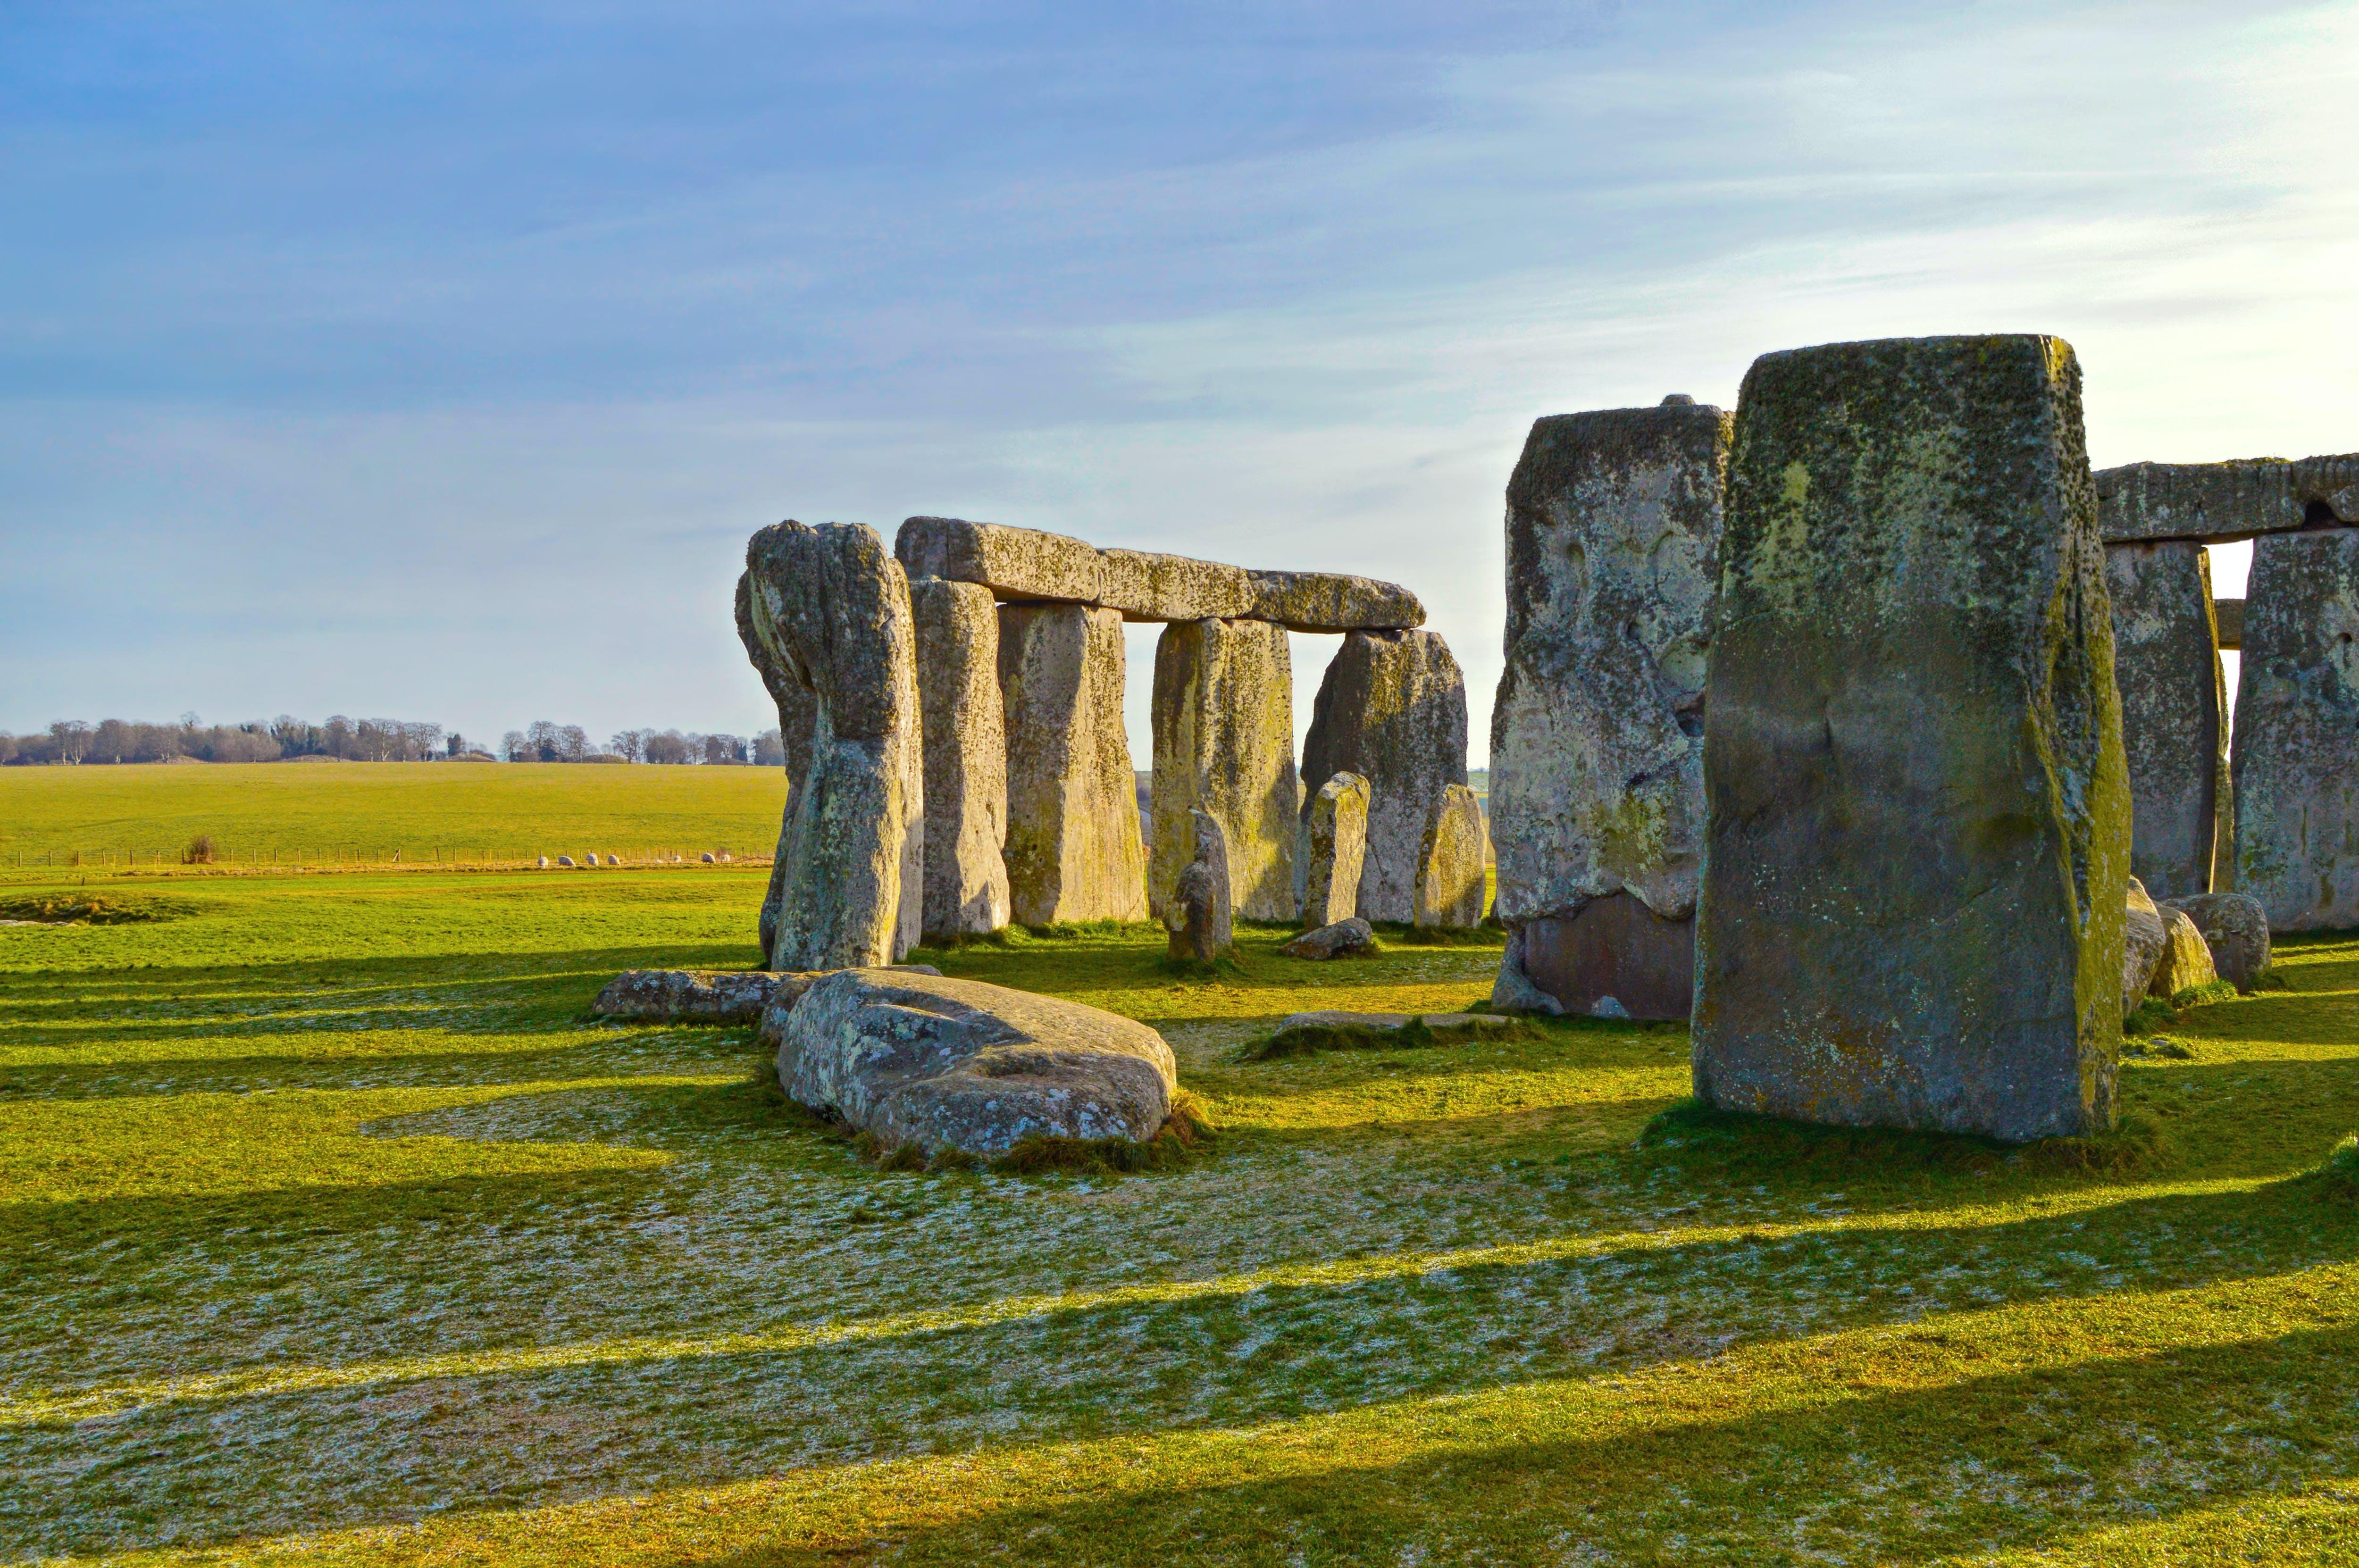 Tickets, museos, atracciones,Tickets, museums, attractions,Entradas a atracciones principales,Major attractions tickets,Excursión a Stonehenge,Stonhenge and Bath